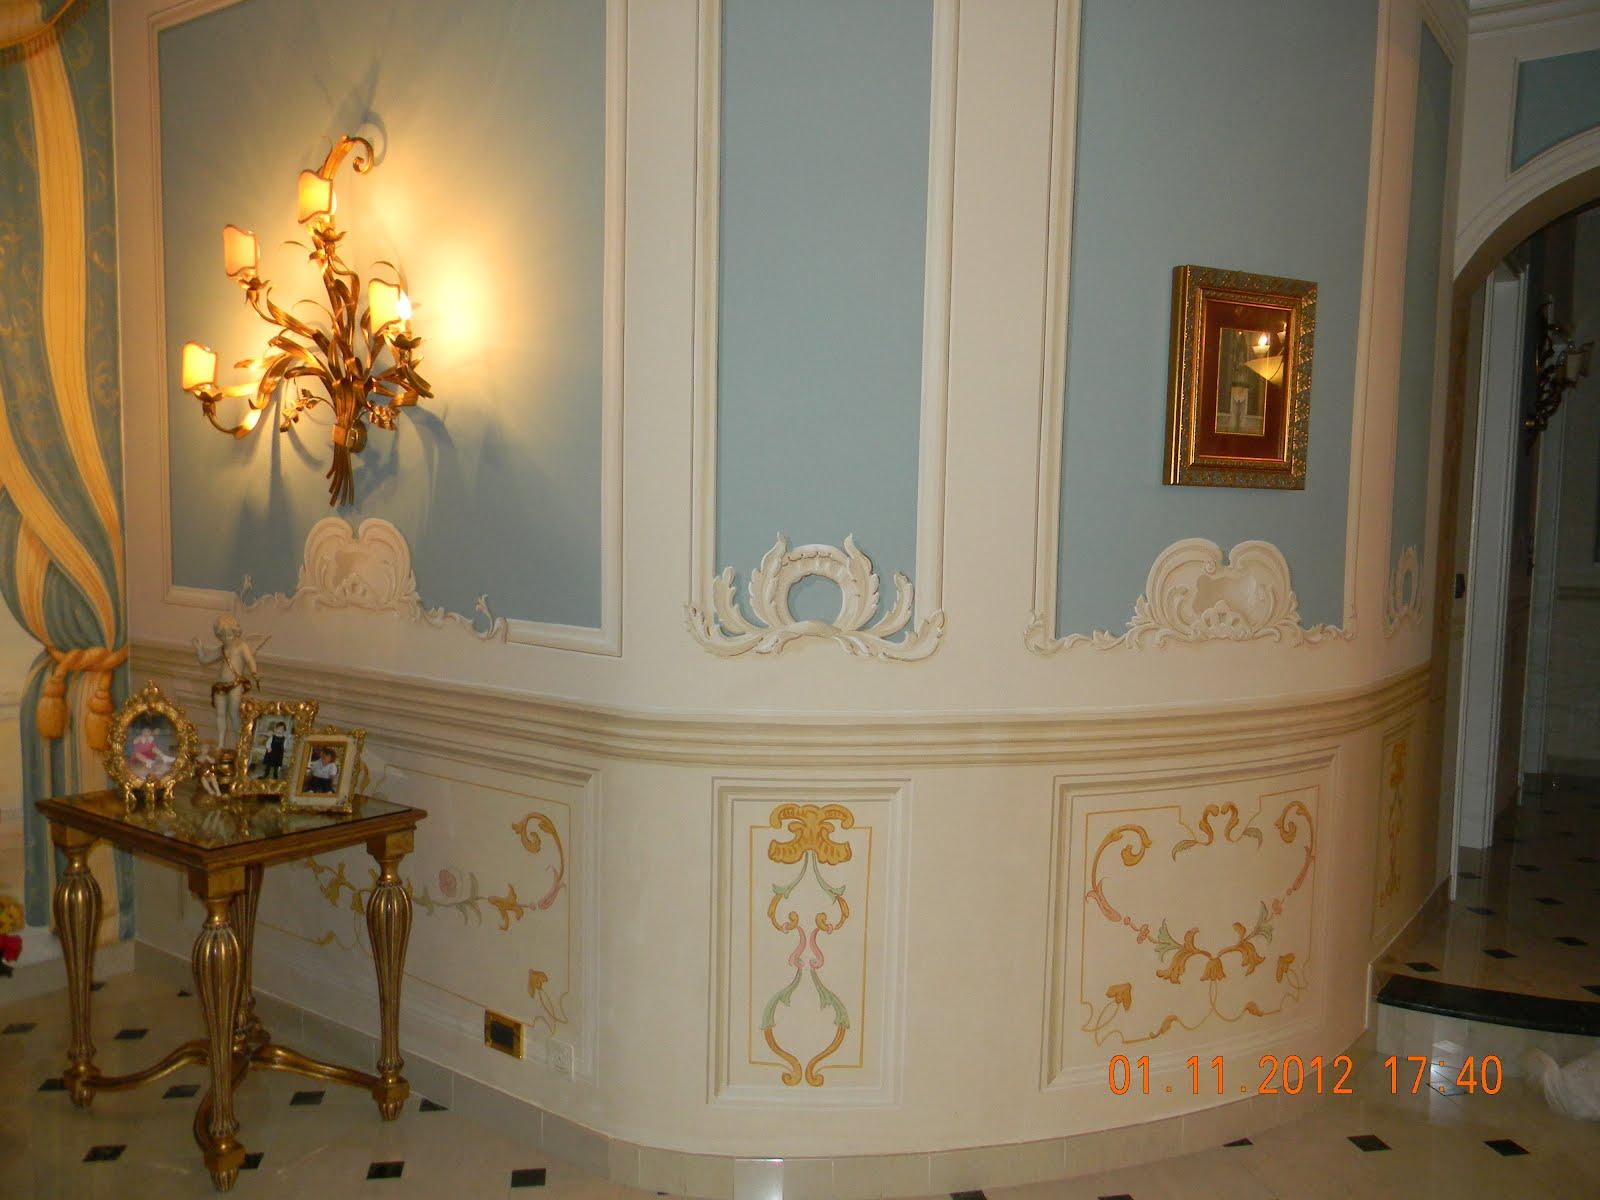 Decorazioni e tinteggiature di niki viterbone decorazioni interne ed esterne tromp l 39 oeil - Decori in gesso ...